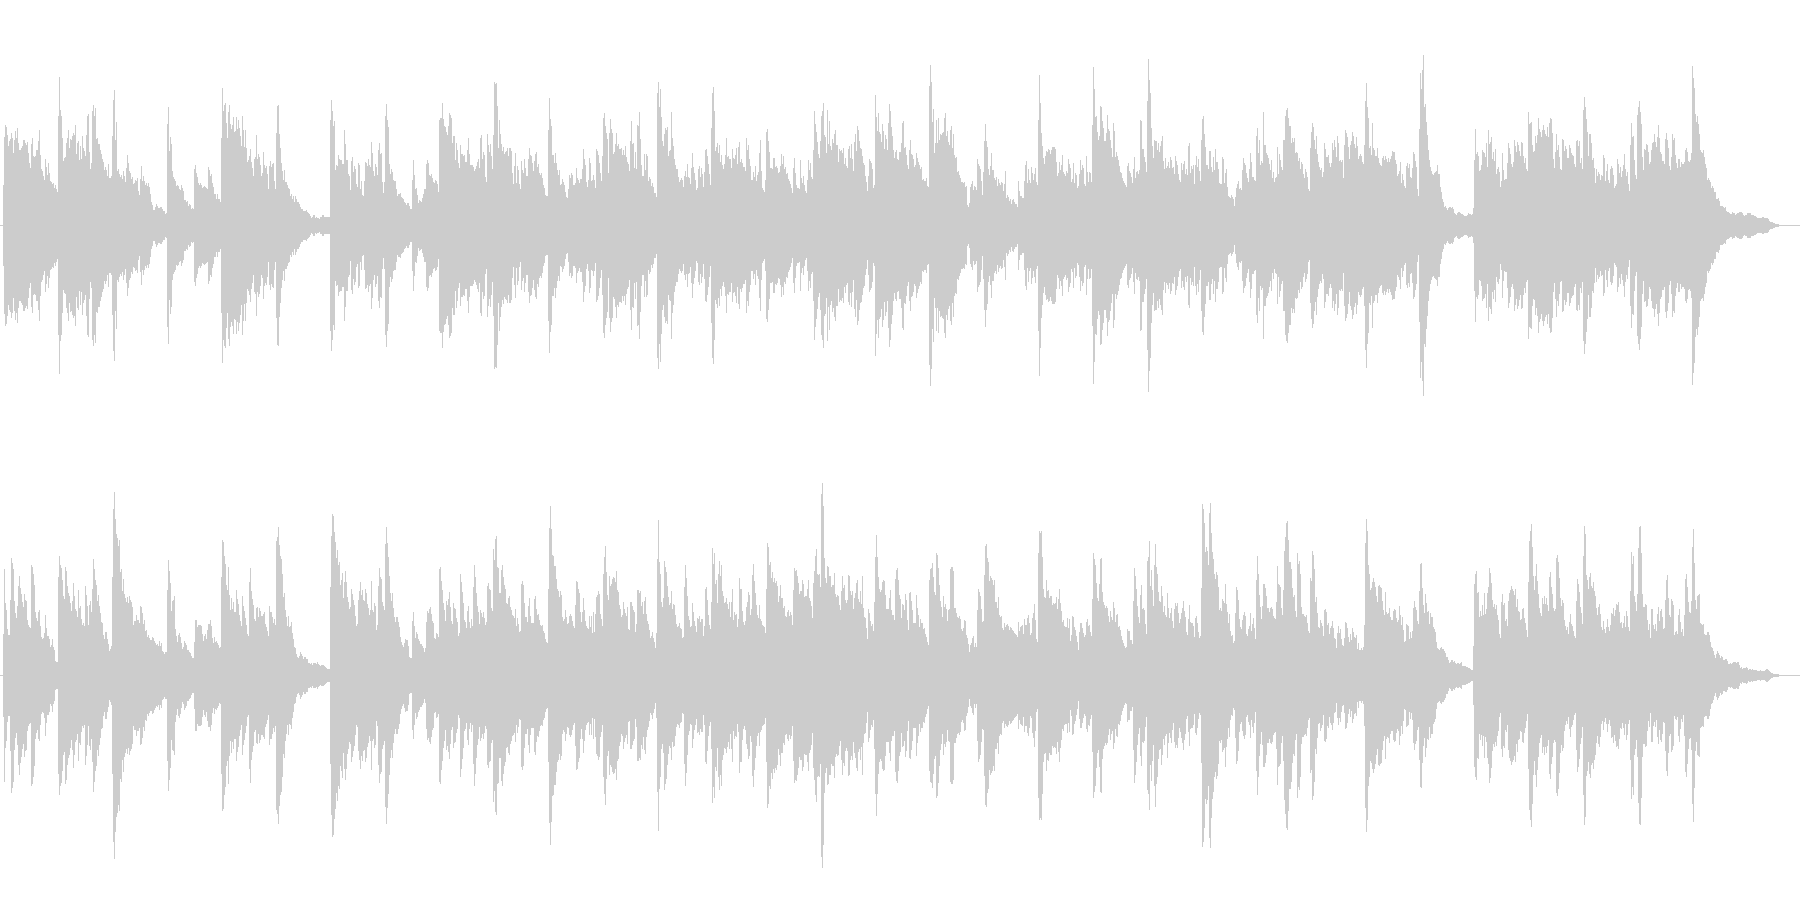 幻想的で綺麗なピアノBGM8の未再生の波形